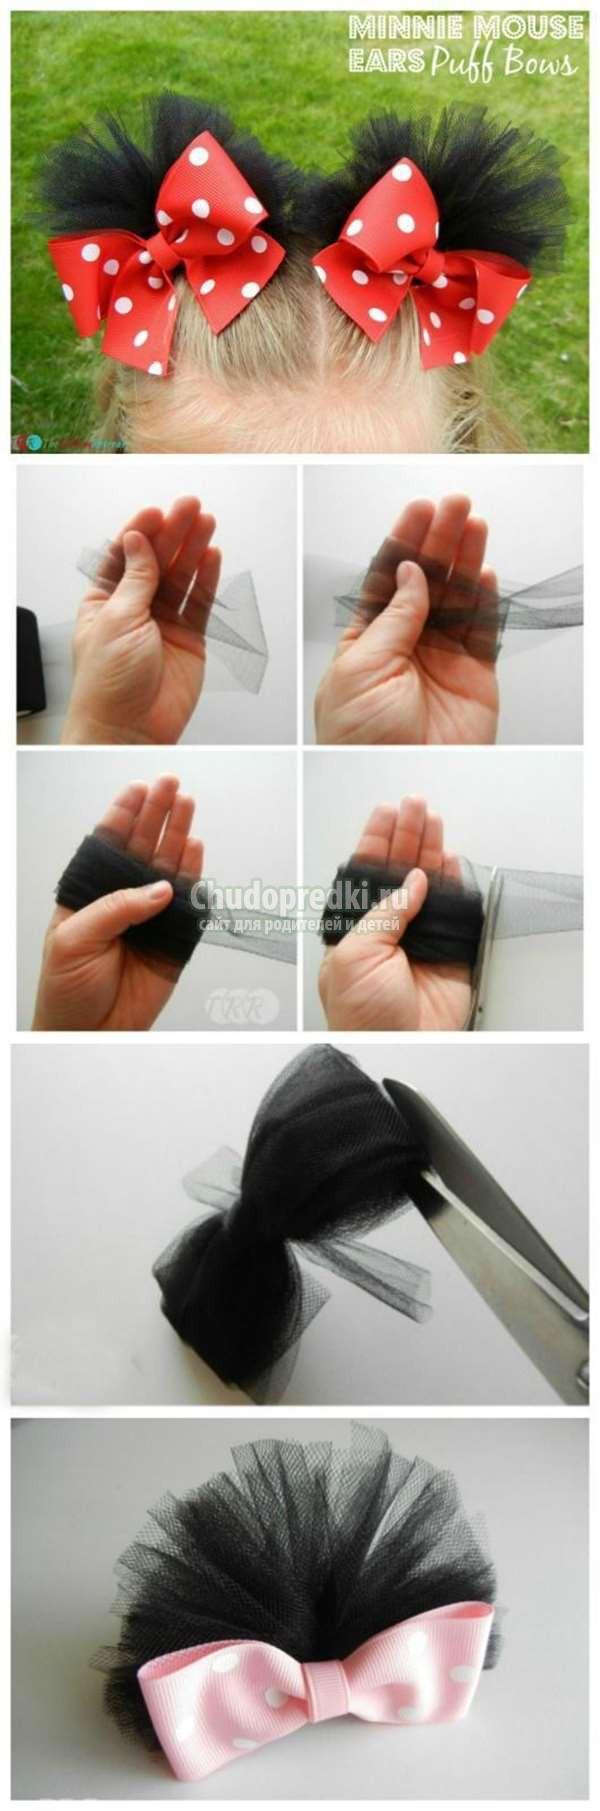 Как сделать банты школьные атласные своими руками